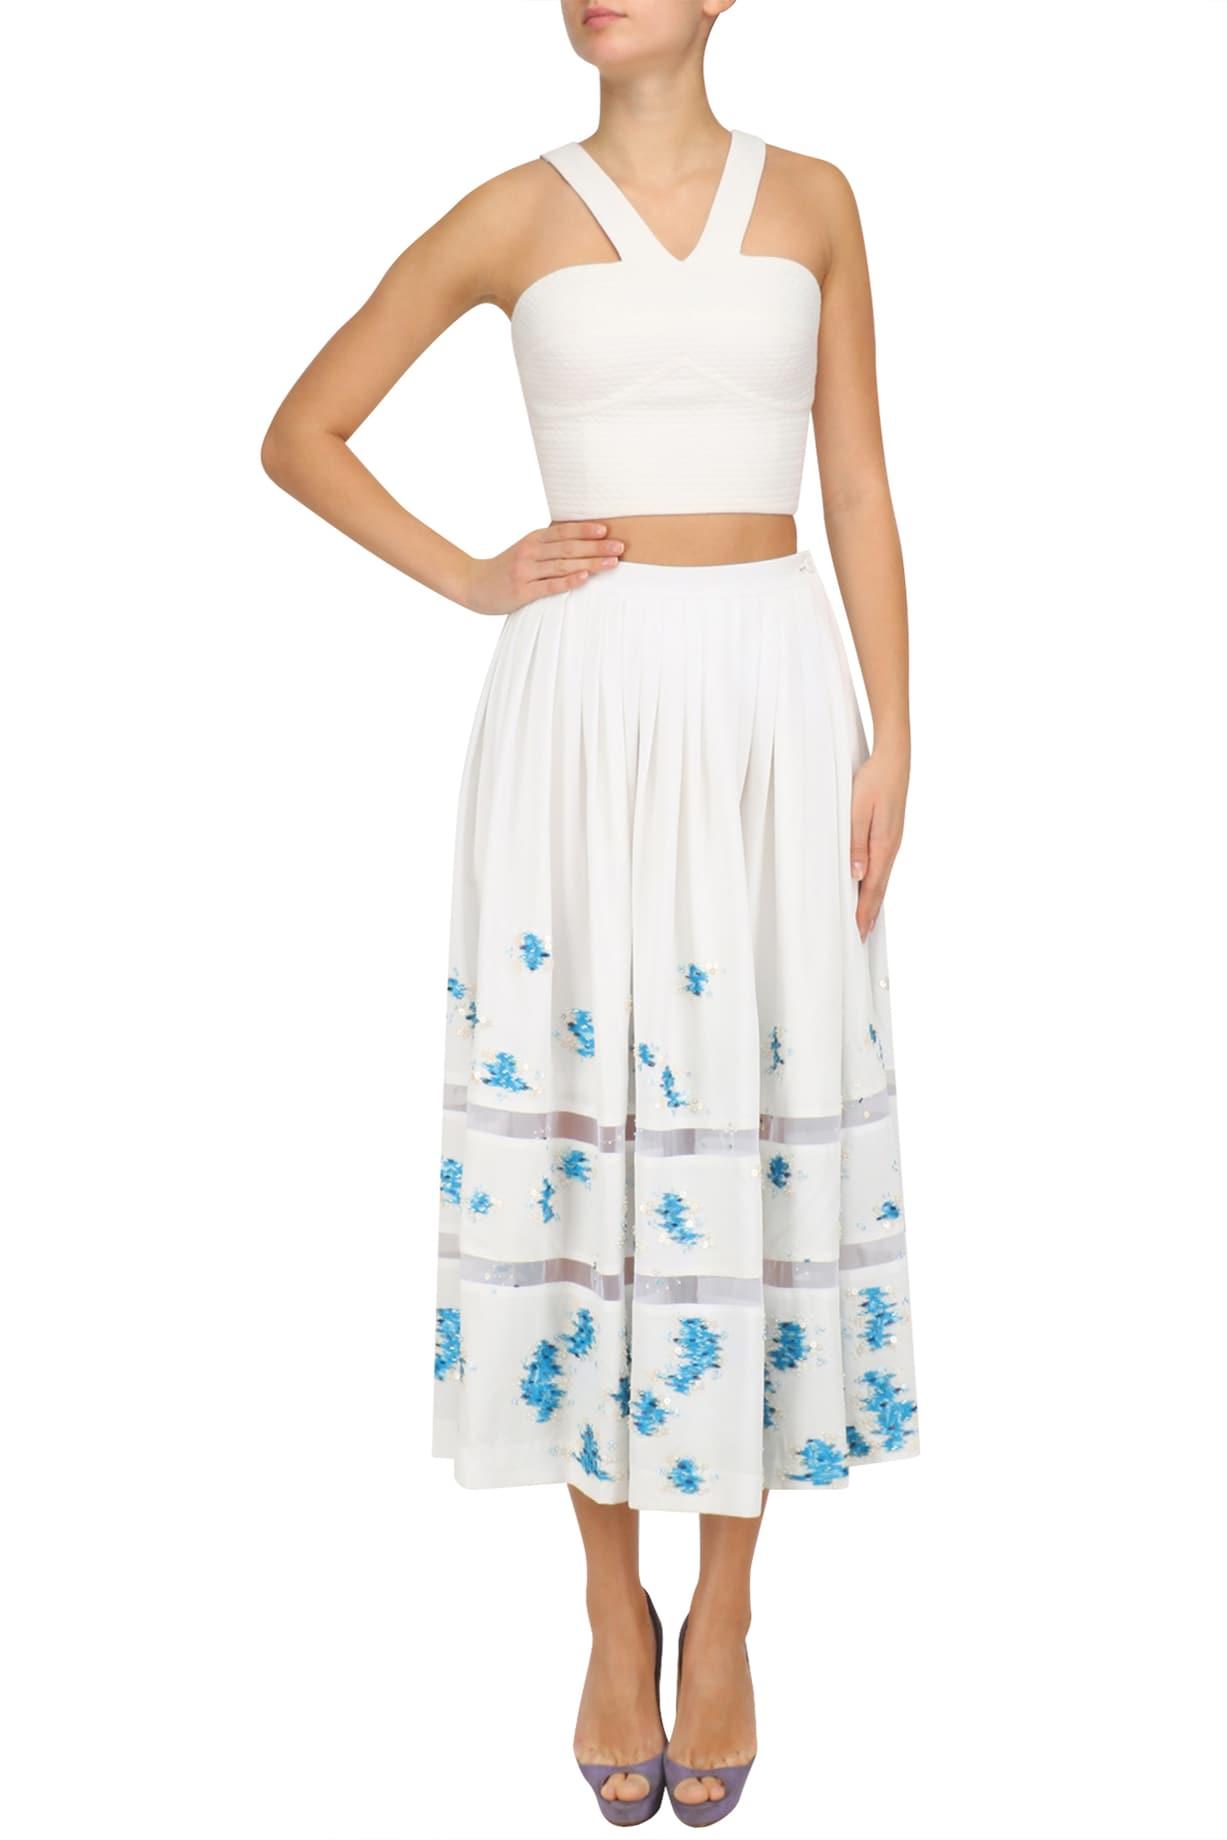 Sakshi K Relan Skirts